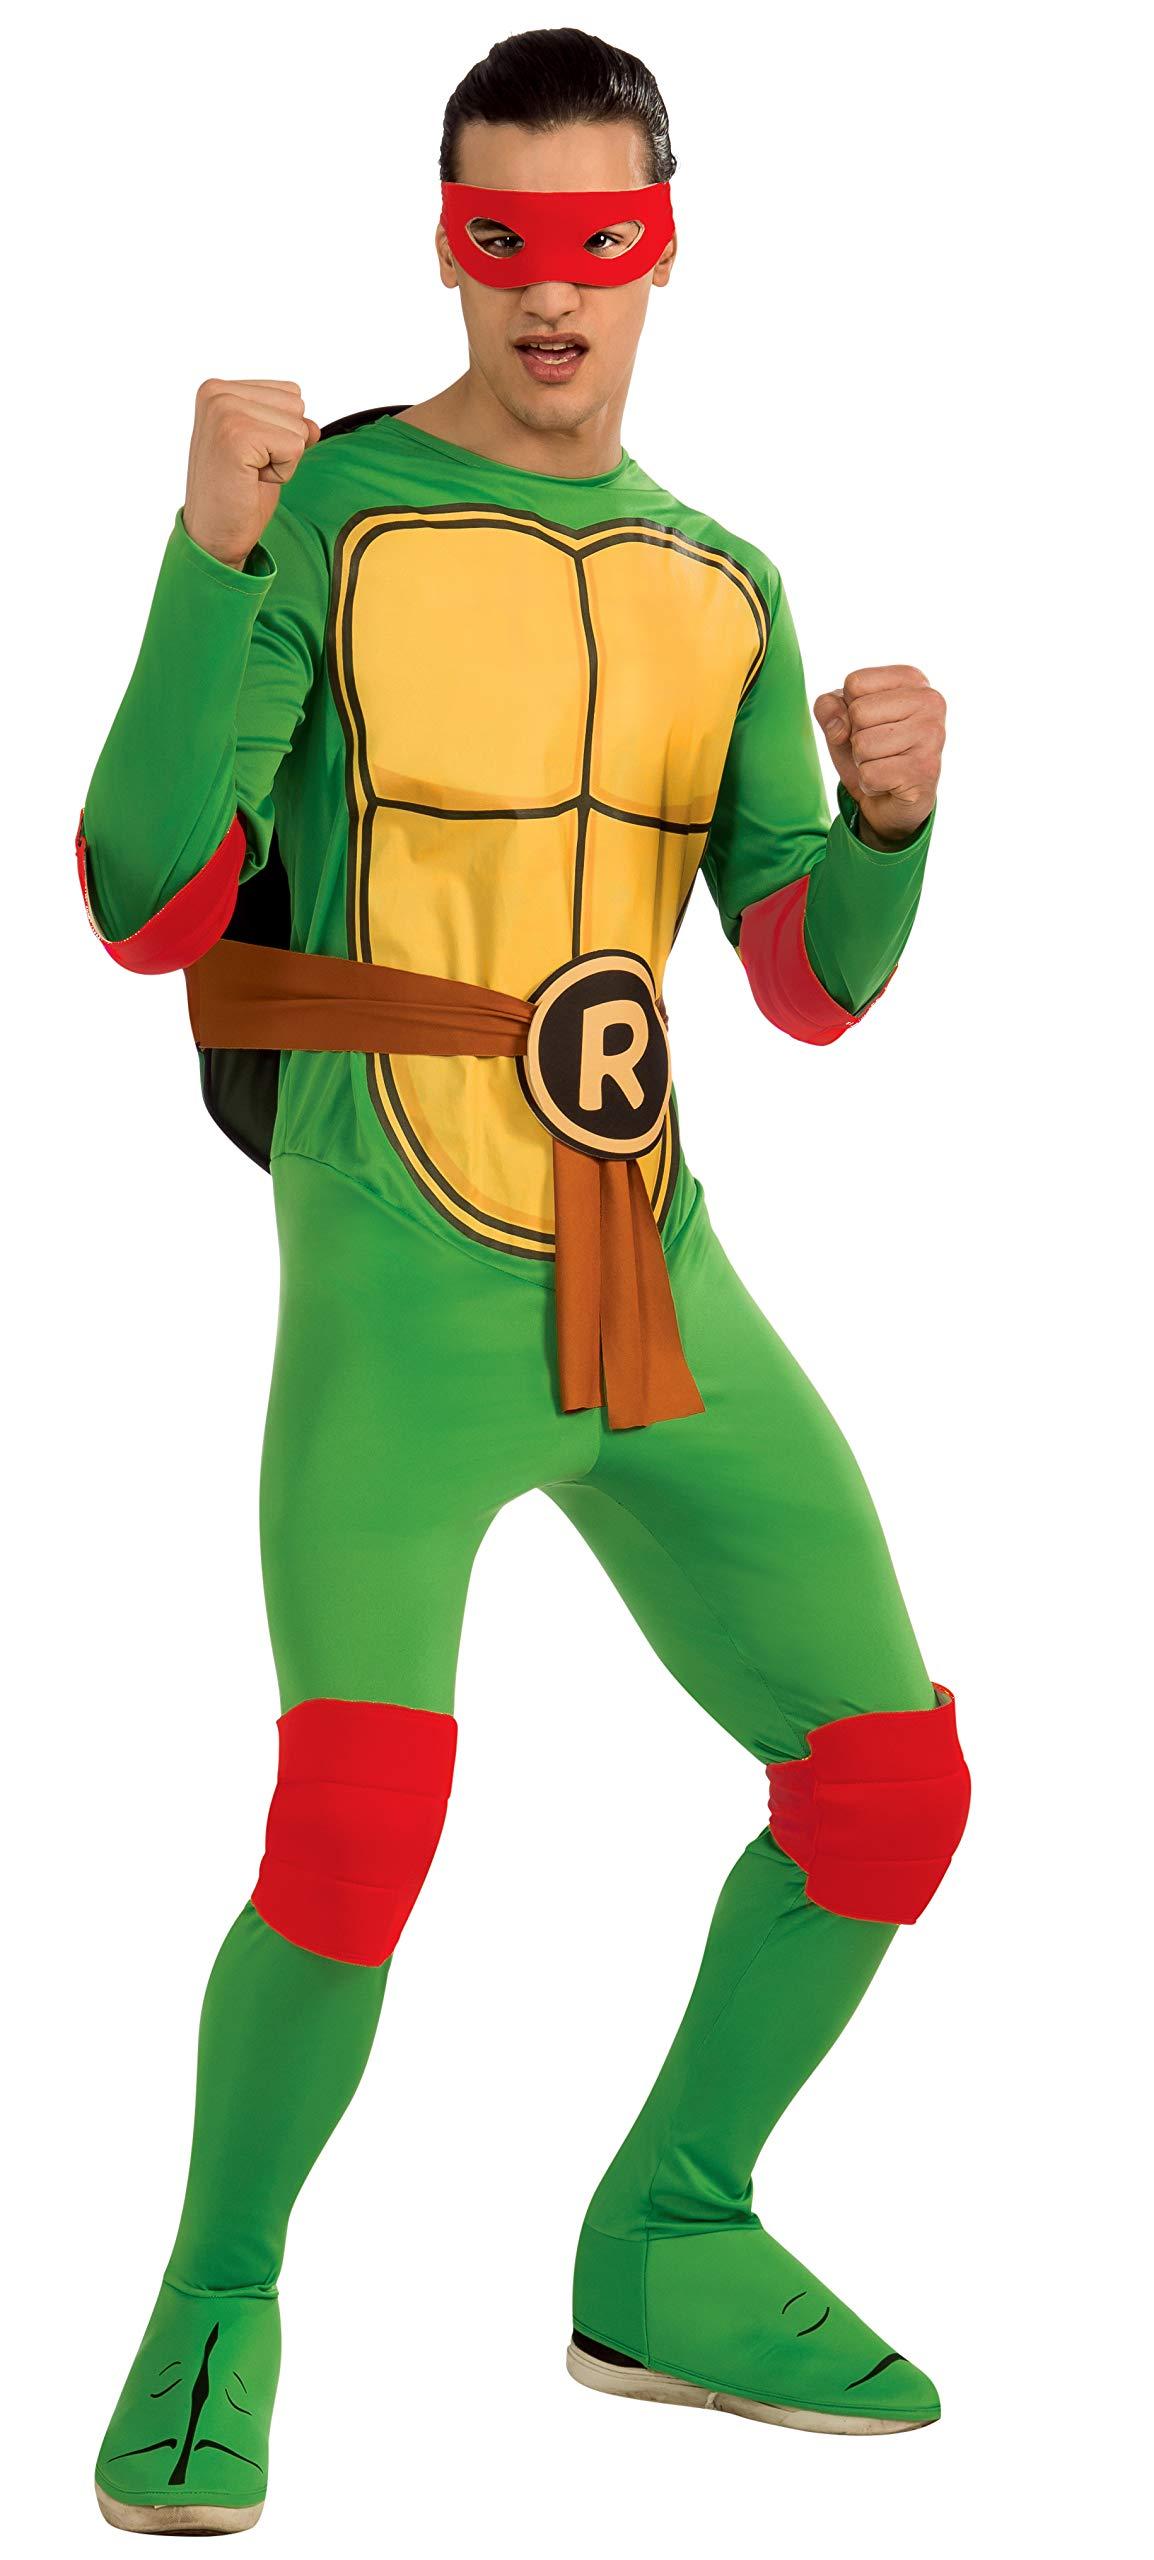 Nickelodeon Teenage Mutant Ninja Turtles Adult Raphael and Accessories Costume